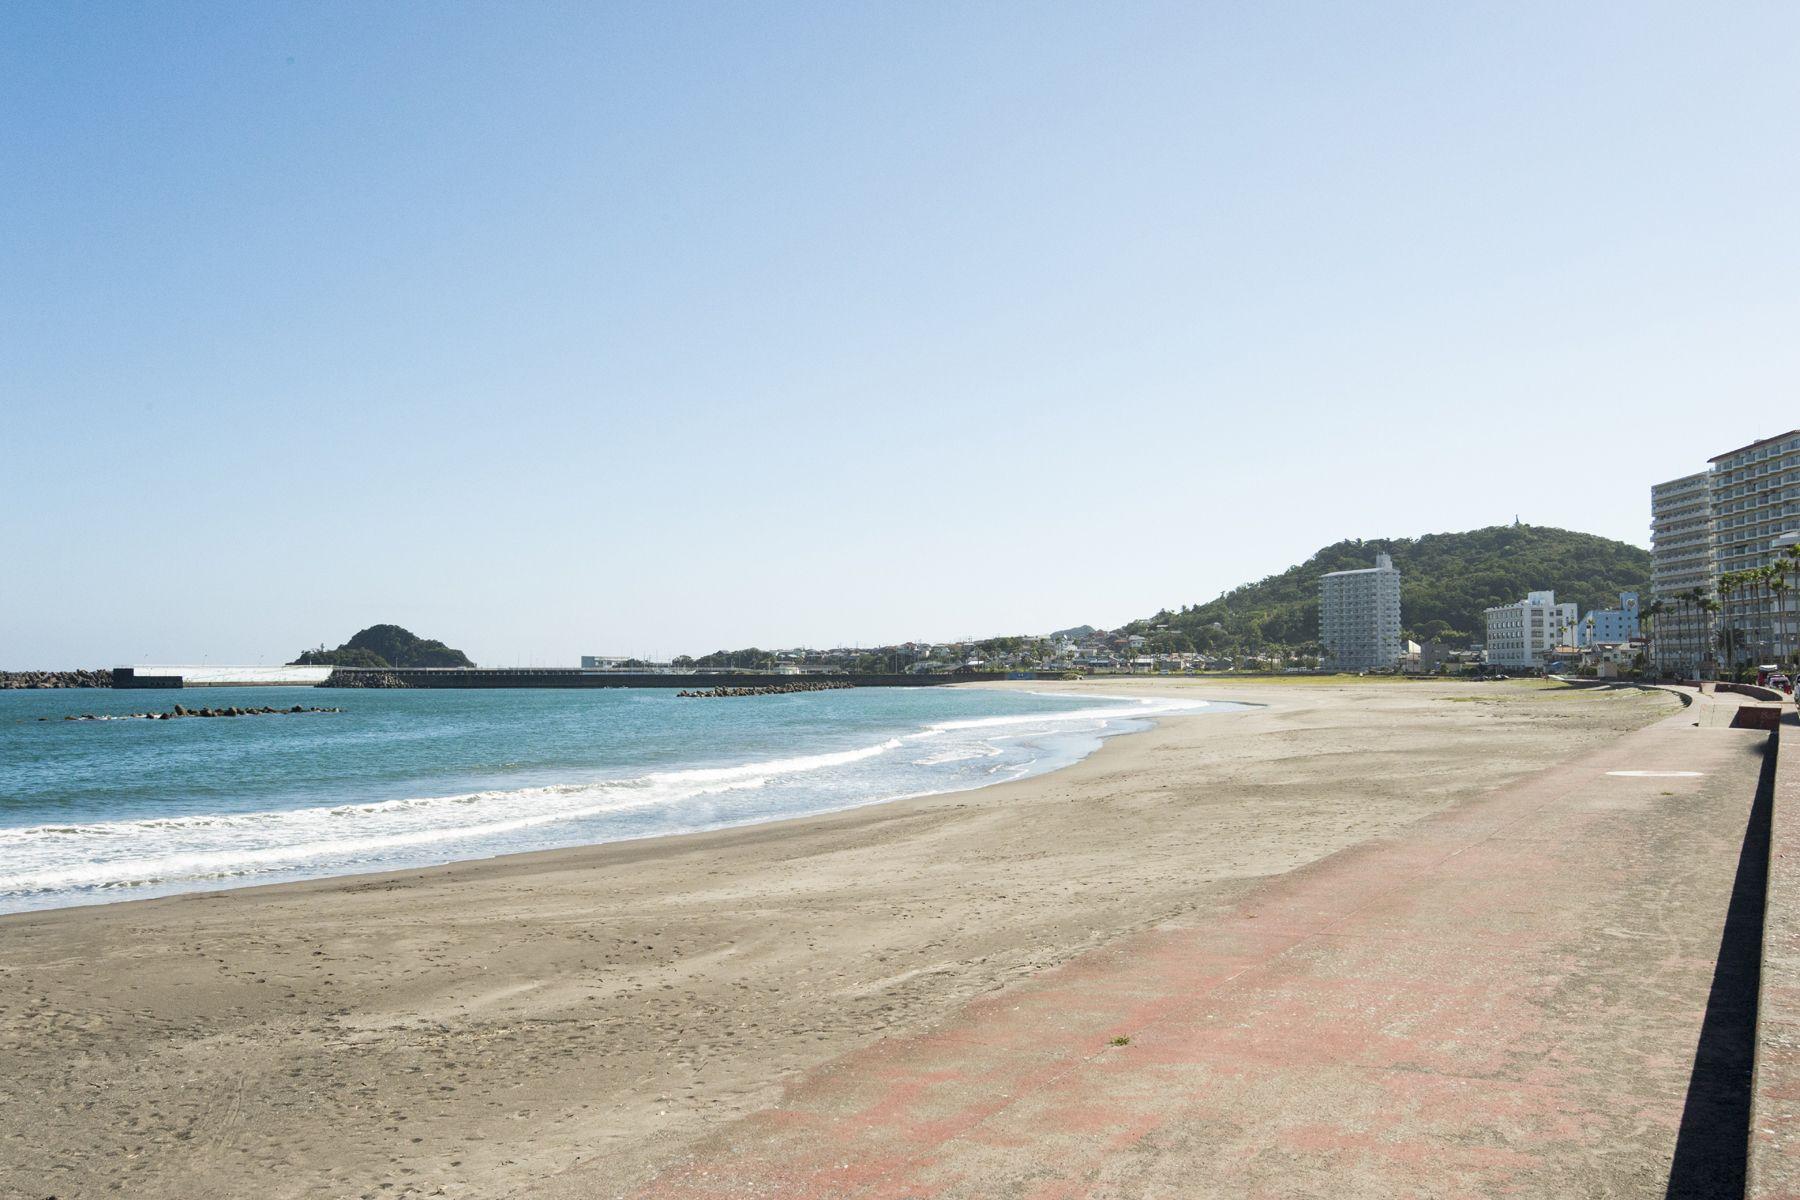 鴨川サーフィンハウス白い砂浜